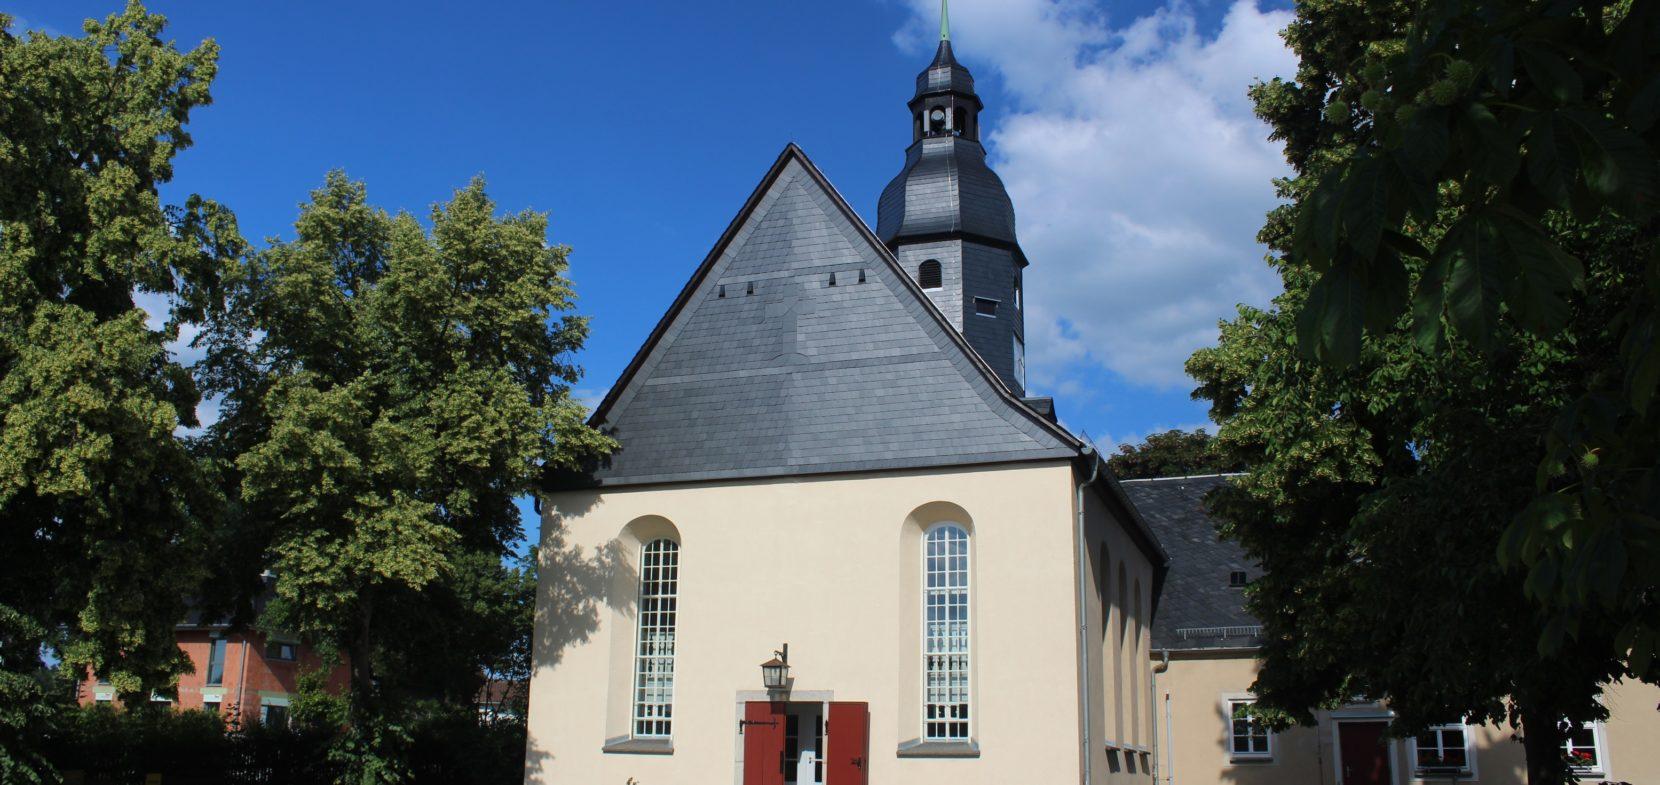 Ev.-Luth. Dreifaltigkeitskirchgemeinde Jocketa-Pöhl